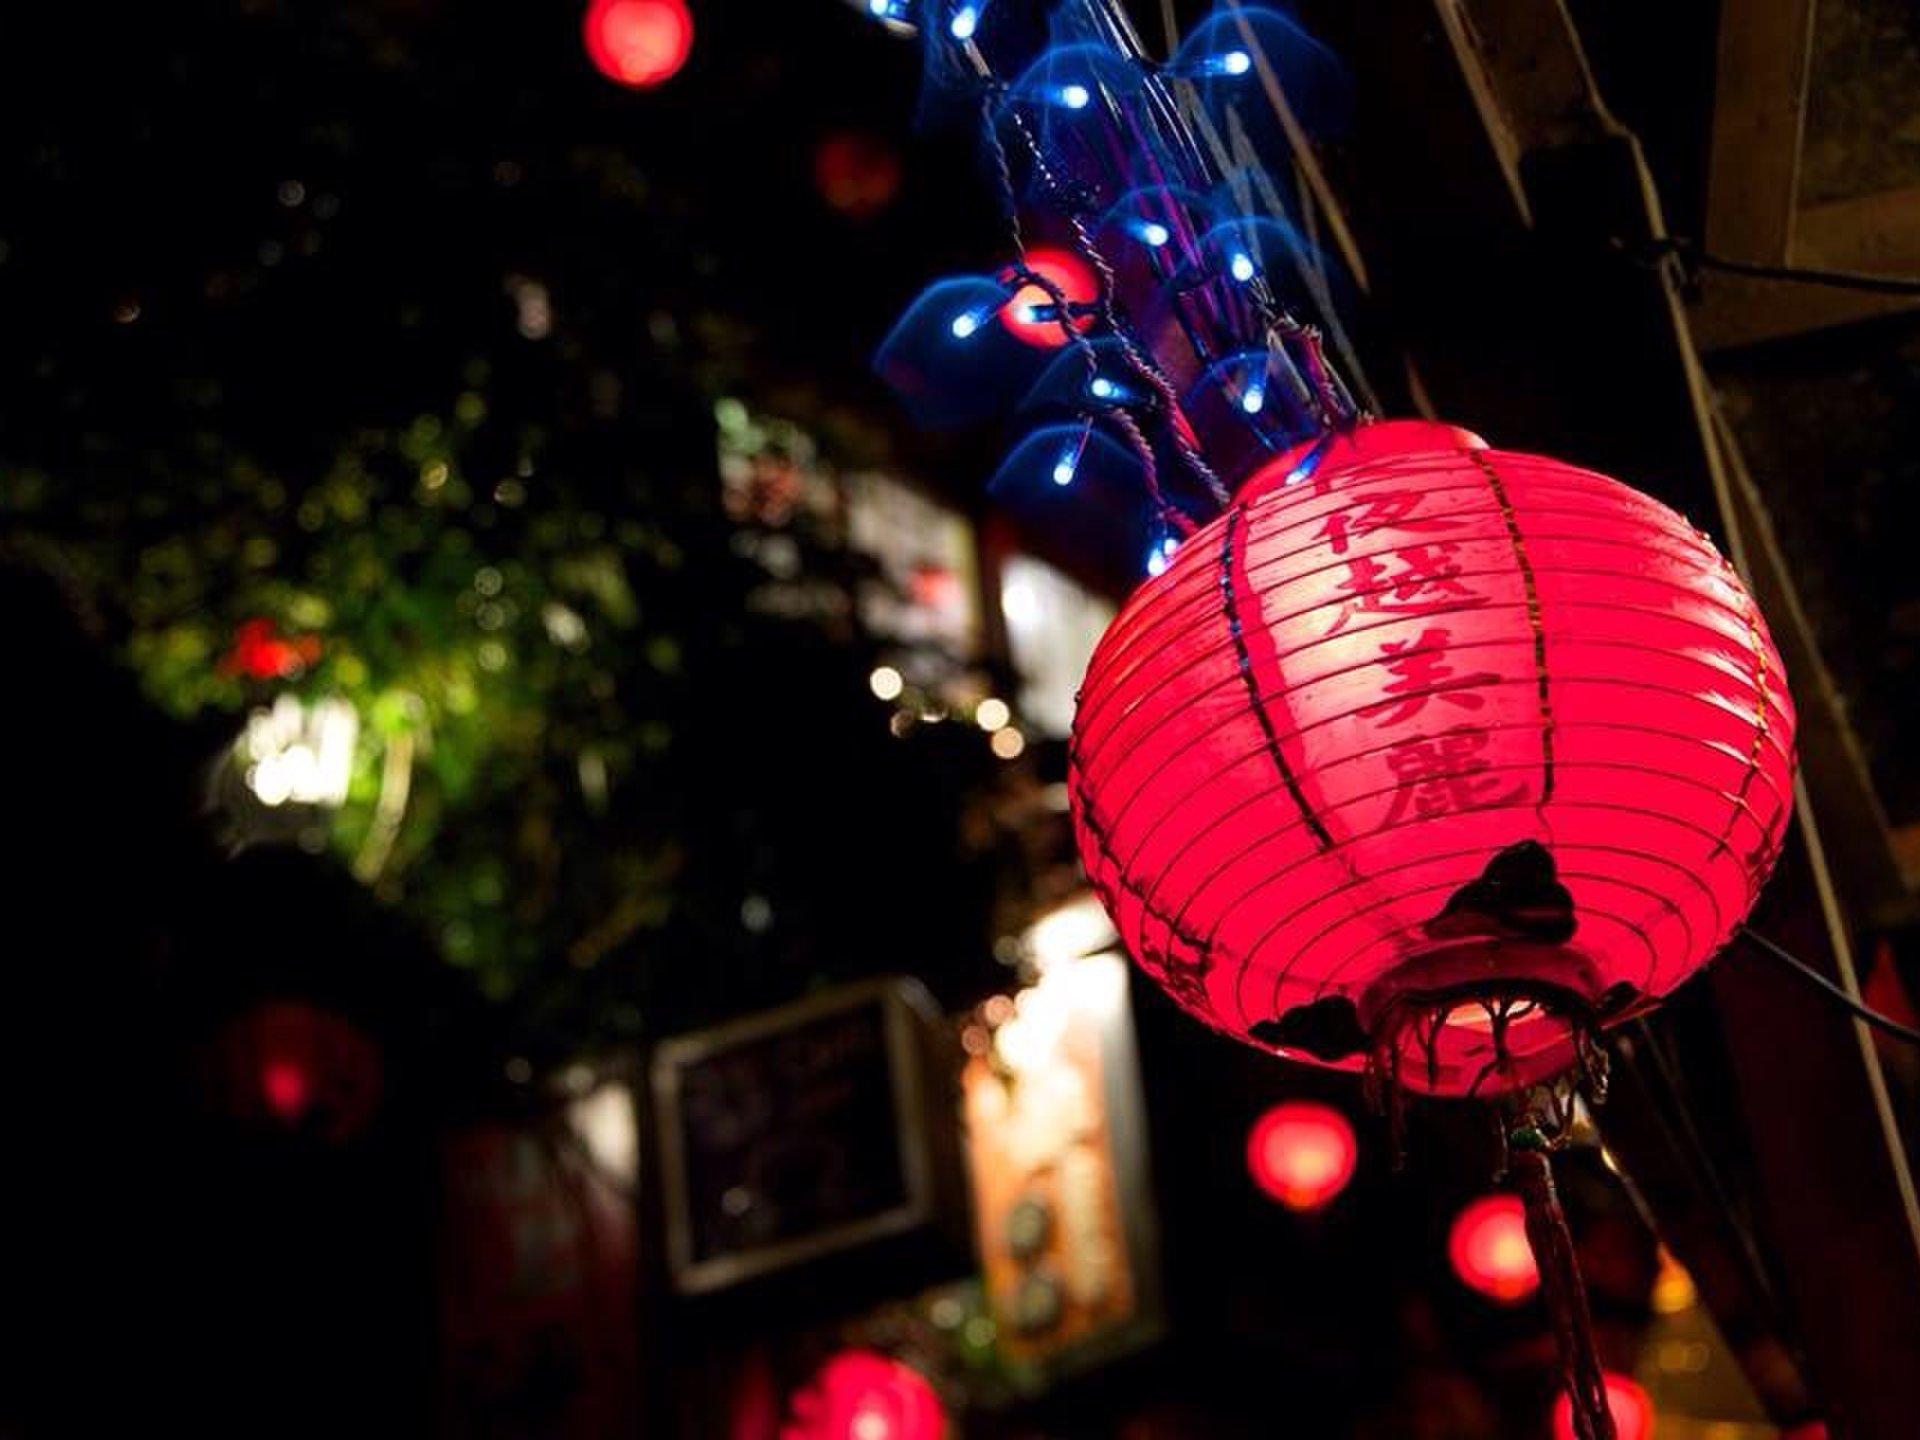 ゴールデンウィークで海外に行くなら台湾!〜近くて安くて美味しくて優しい国〜